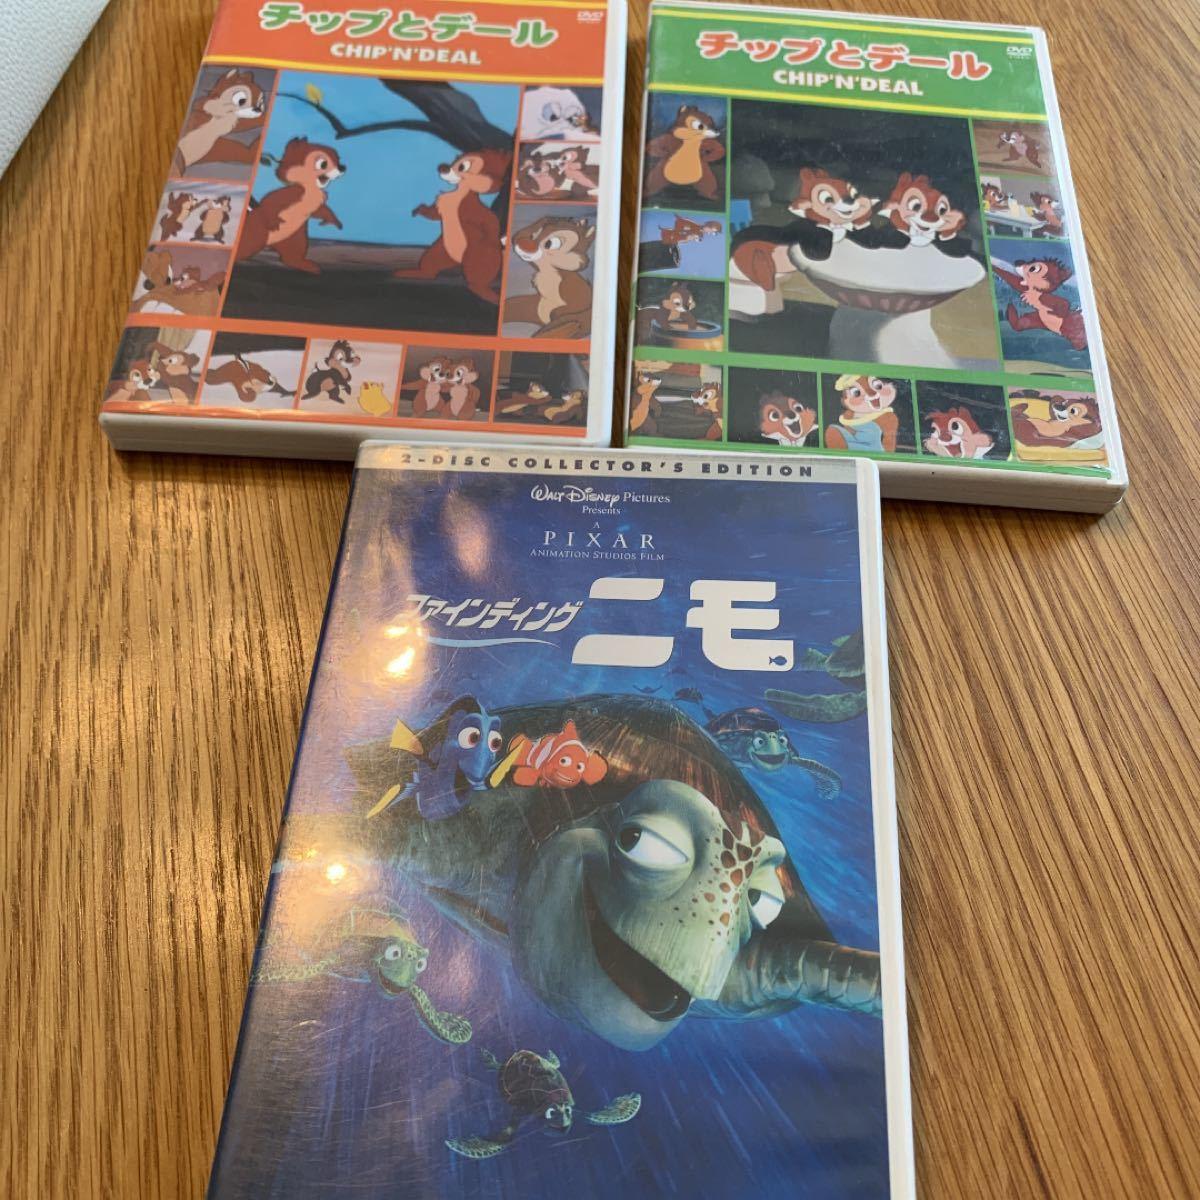 DVD ファインディングニモ チップとデール